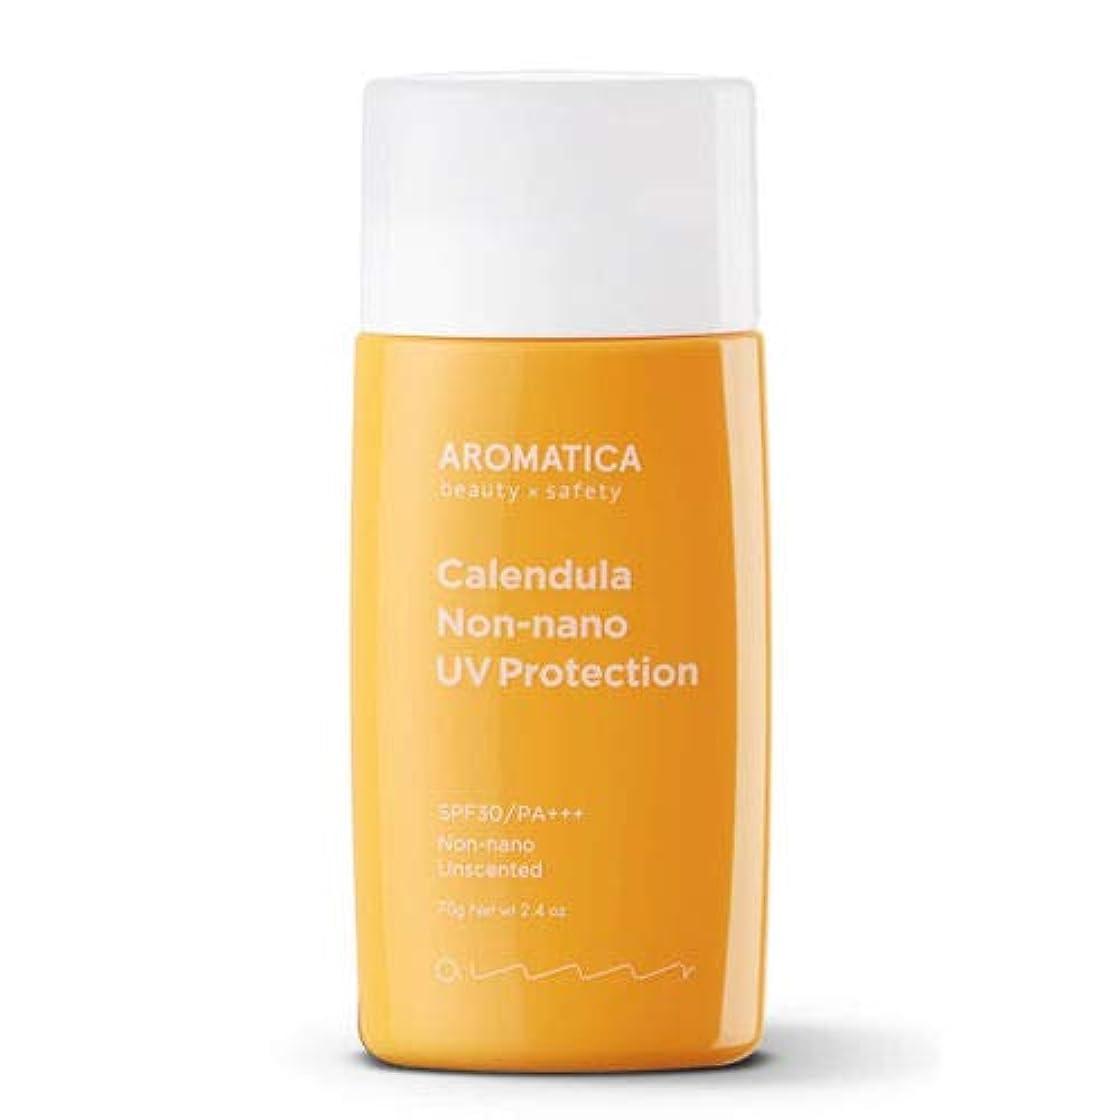 提唱するベアリング追うAROMATICA アロマティカ Calendula NON-NANO UV Protection Unscented サンクリーム 70g SPF30/PA+++ 米国 日焼け止め